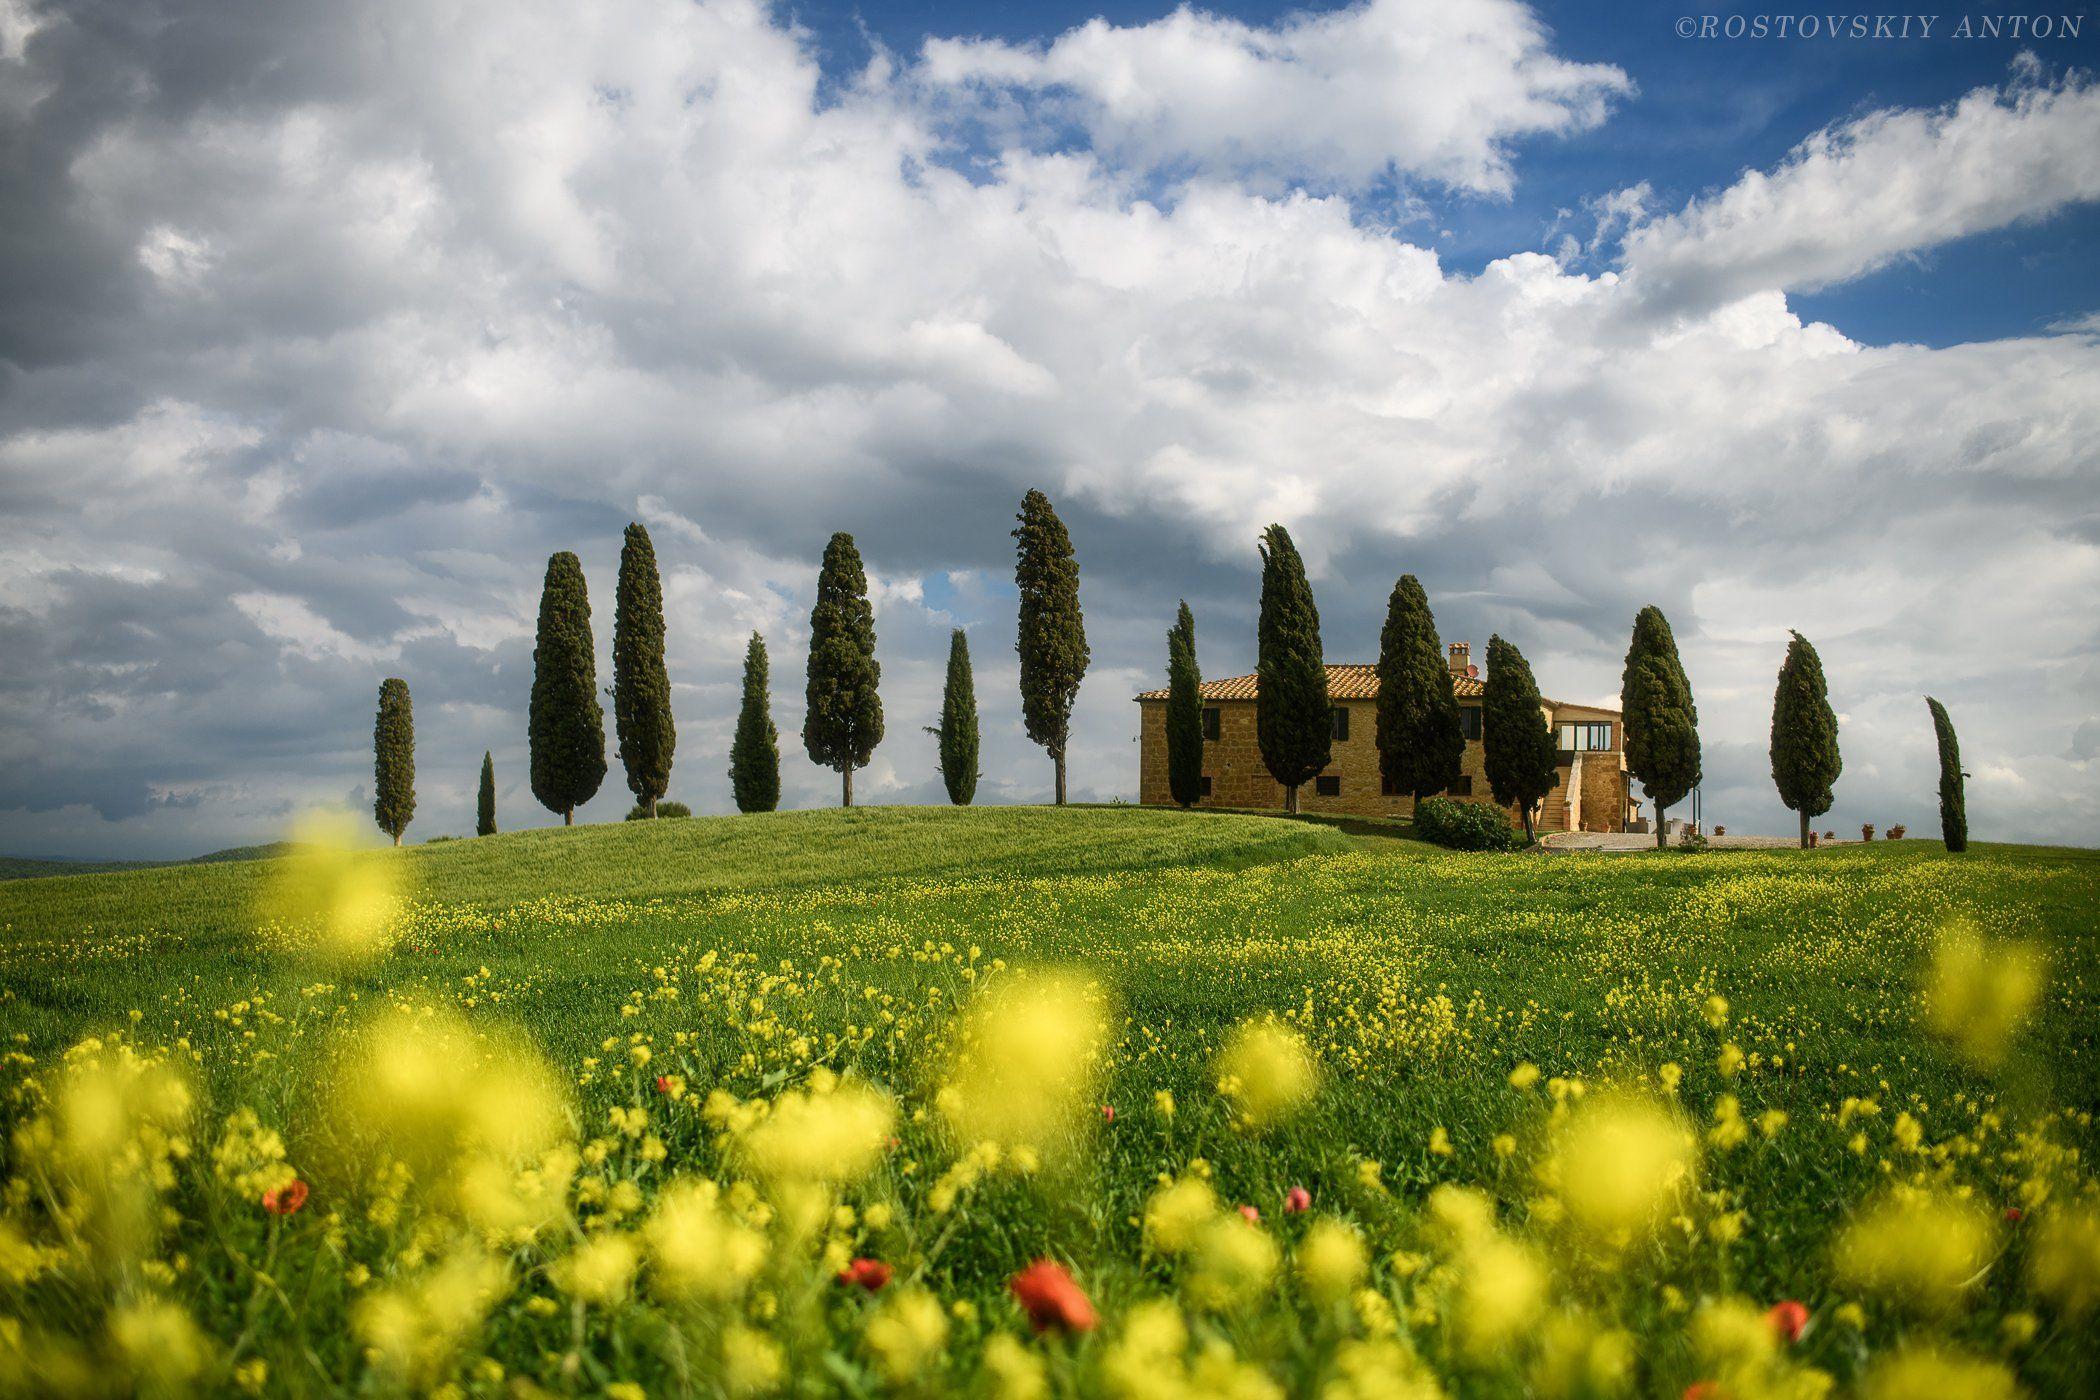 Tuscany, Italy, кипарисы, Тоскана, весна, цветы, фототур, фотопутешествие, Ростовский Антон